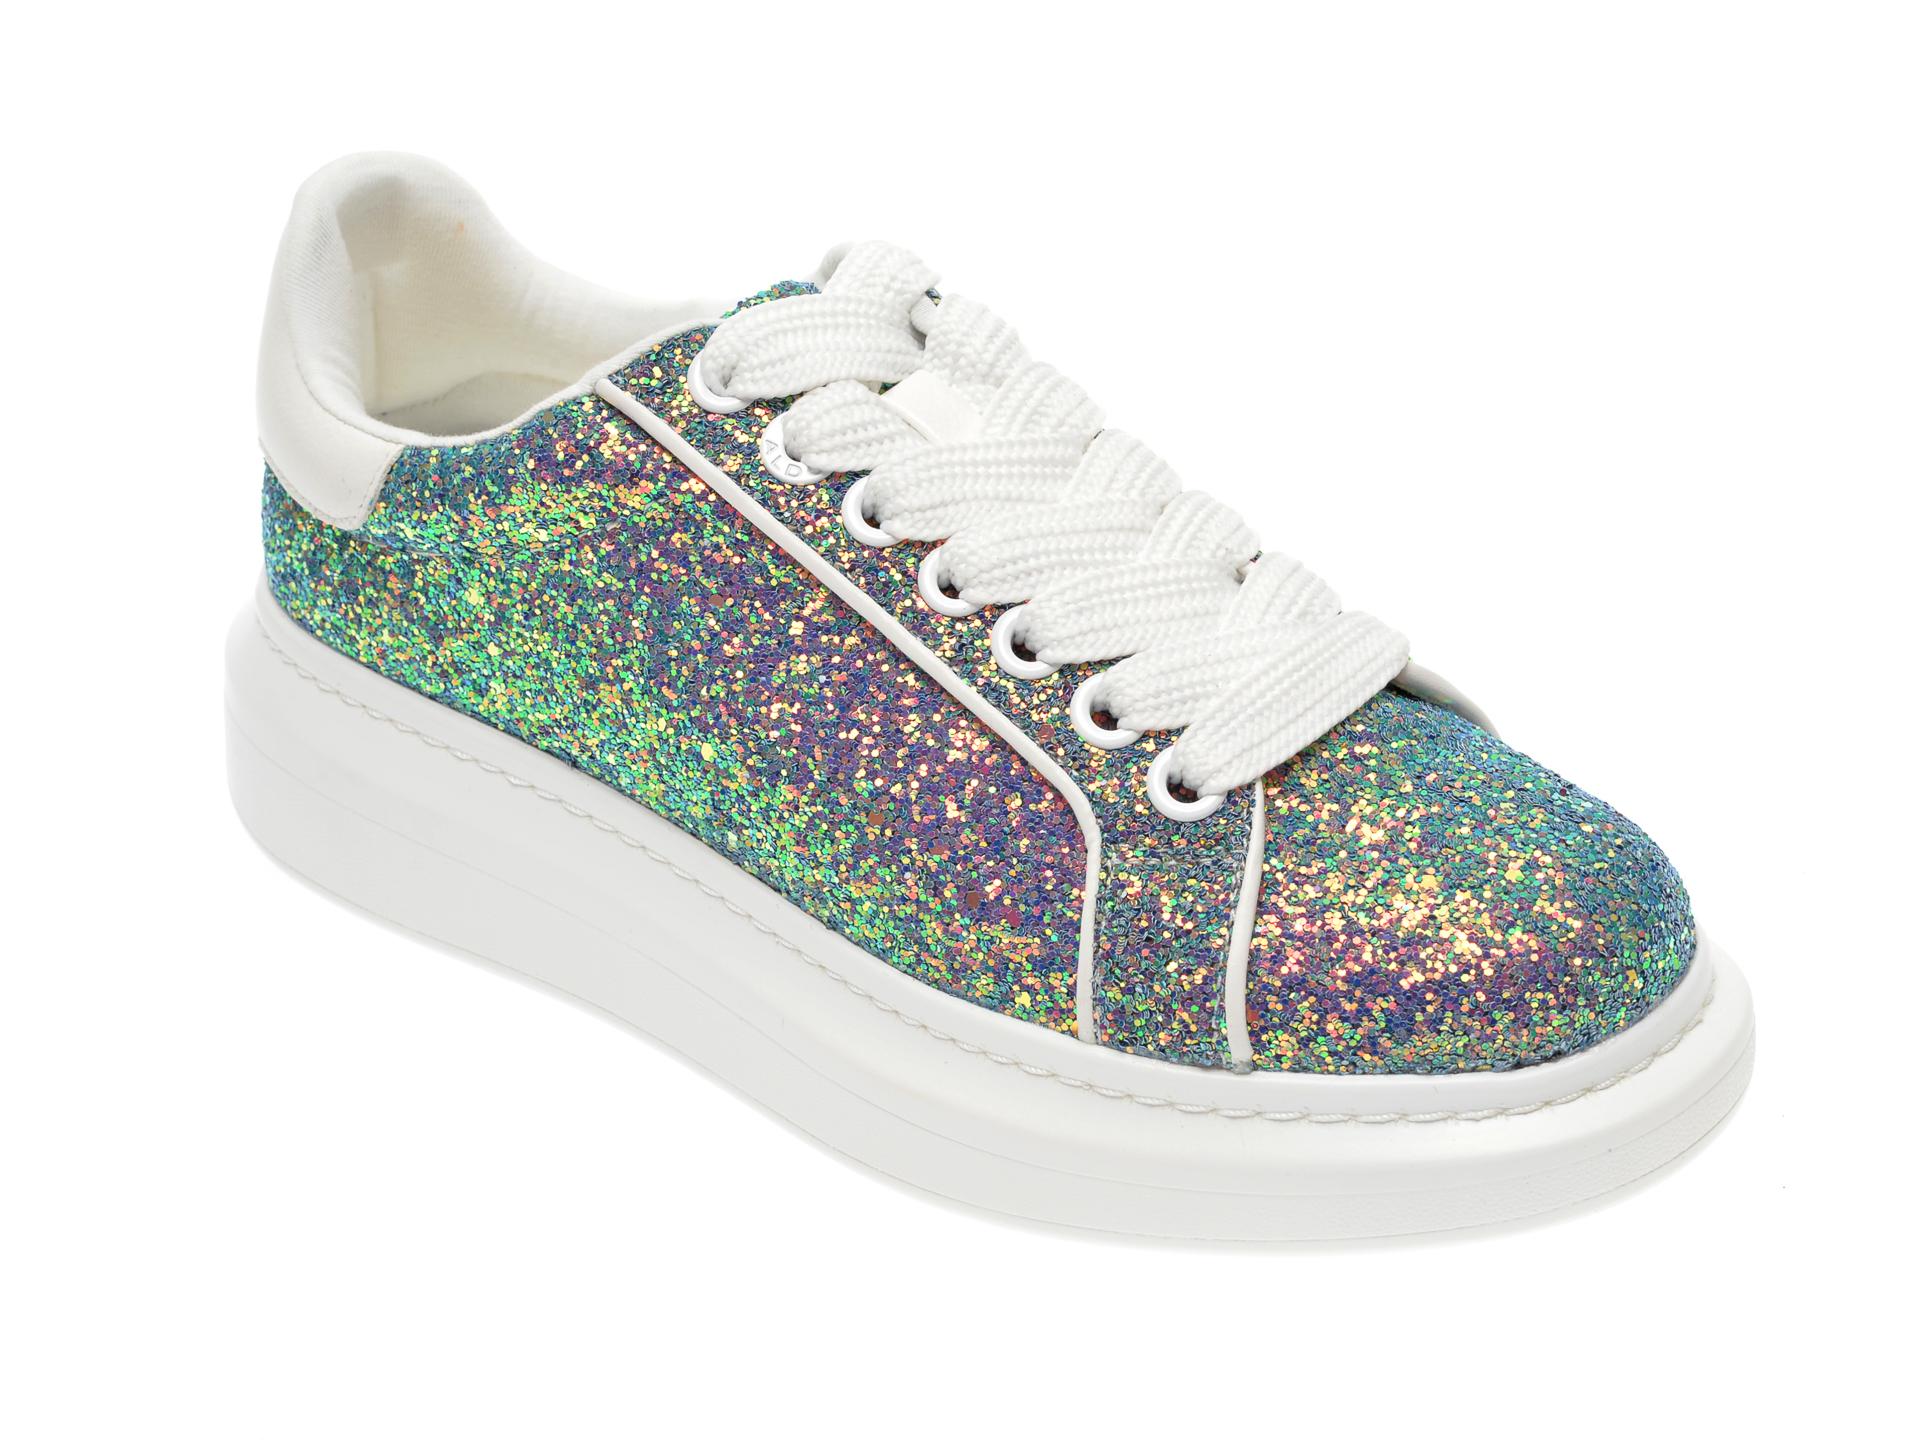 Pantofi sport ALDO multicolori, Radiant960, din piele ecologica imagine